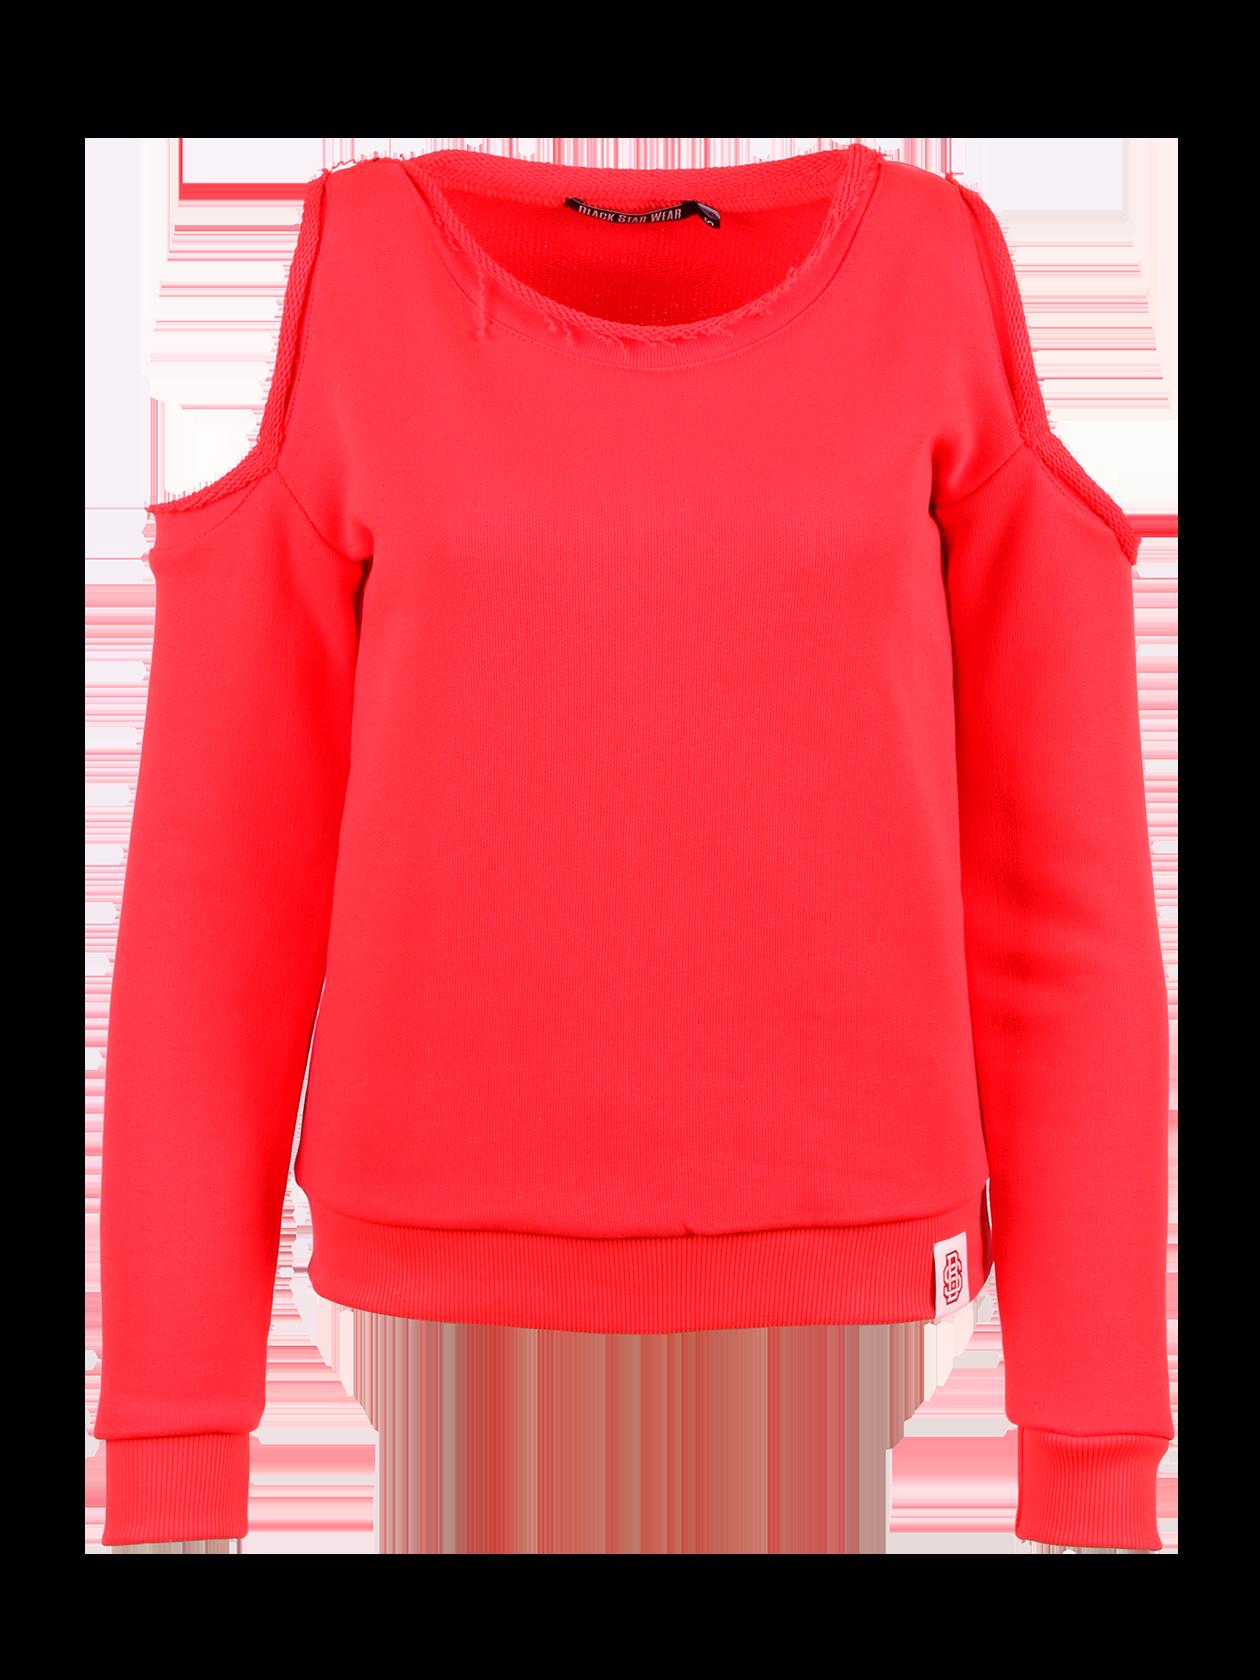 Teens hoodie SHOULDERSТолстовка подростковая Shoulders станет одной из любимых вещей юной модницы. Неординарное дизайнерское решение – вырезанная верхняя часть рукавов. Свободный силуэт не сковывает движения, обеспечивая максимум комфорта. Горловина оформлена в форме лодочки, манжеты и пояс собраны на эластичную трикотажную резинку в тон изделия. Изготовленная из натурального футера кораллового оттенка, модель отличается практичностью и износостойкостью.<br><br>size: 15-16 years<br>color: Red<br>gender: unisex